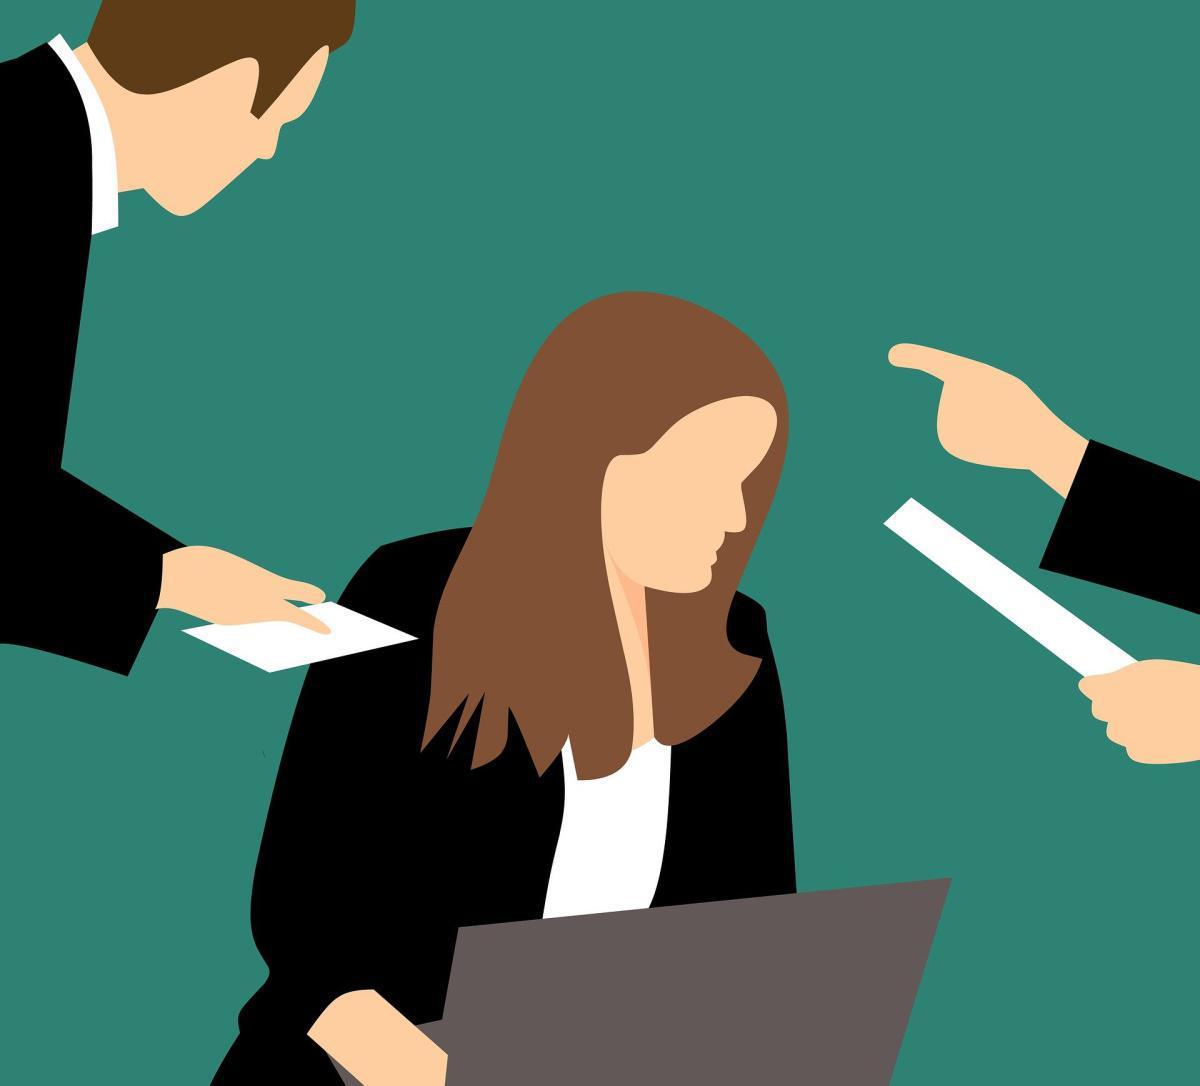 Le harcèlement moral ou sexuel au travail, parlons-en...